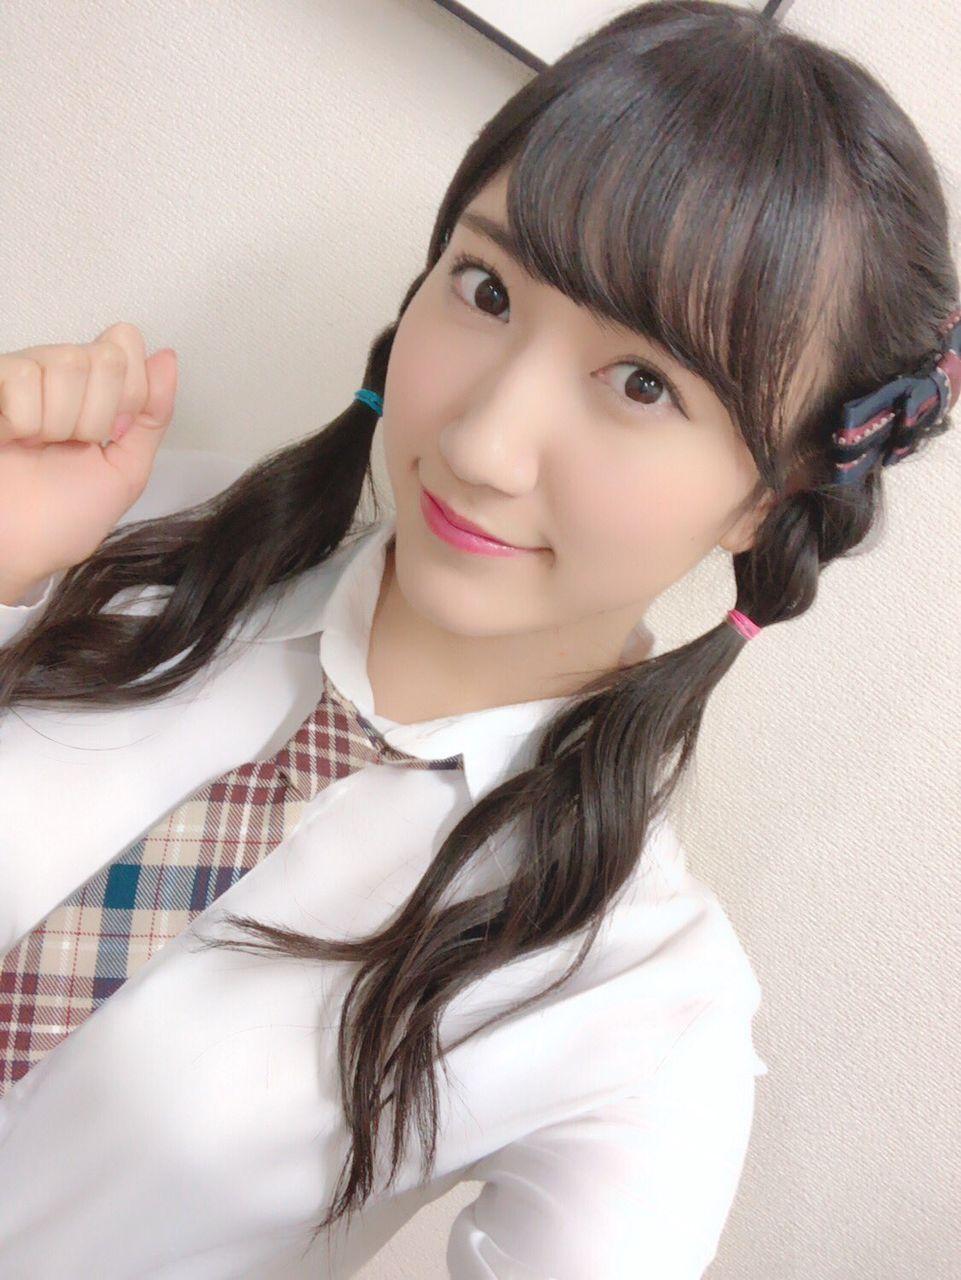 【朗報】NMB48西澤瑠莉奈にガンプラ仕事キタ━━━━(゚∀゚)━━━━!!